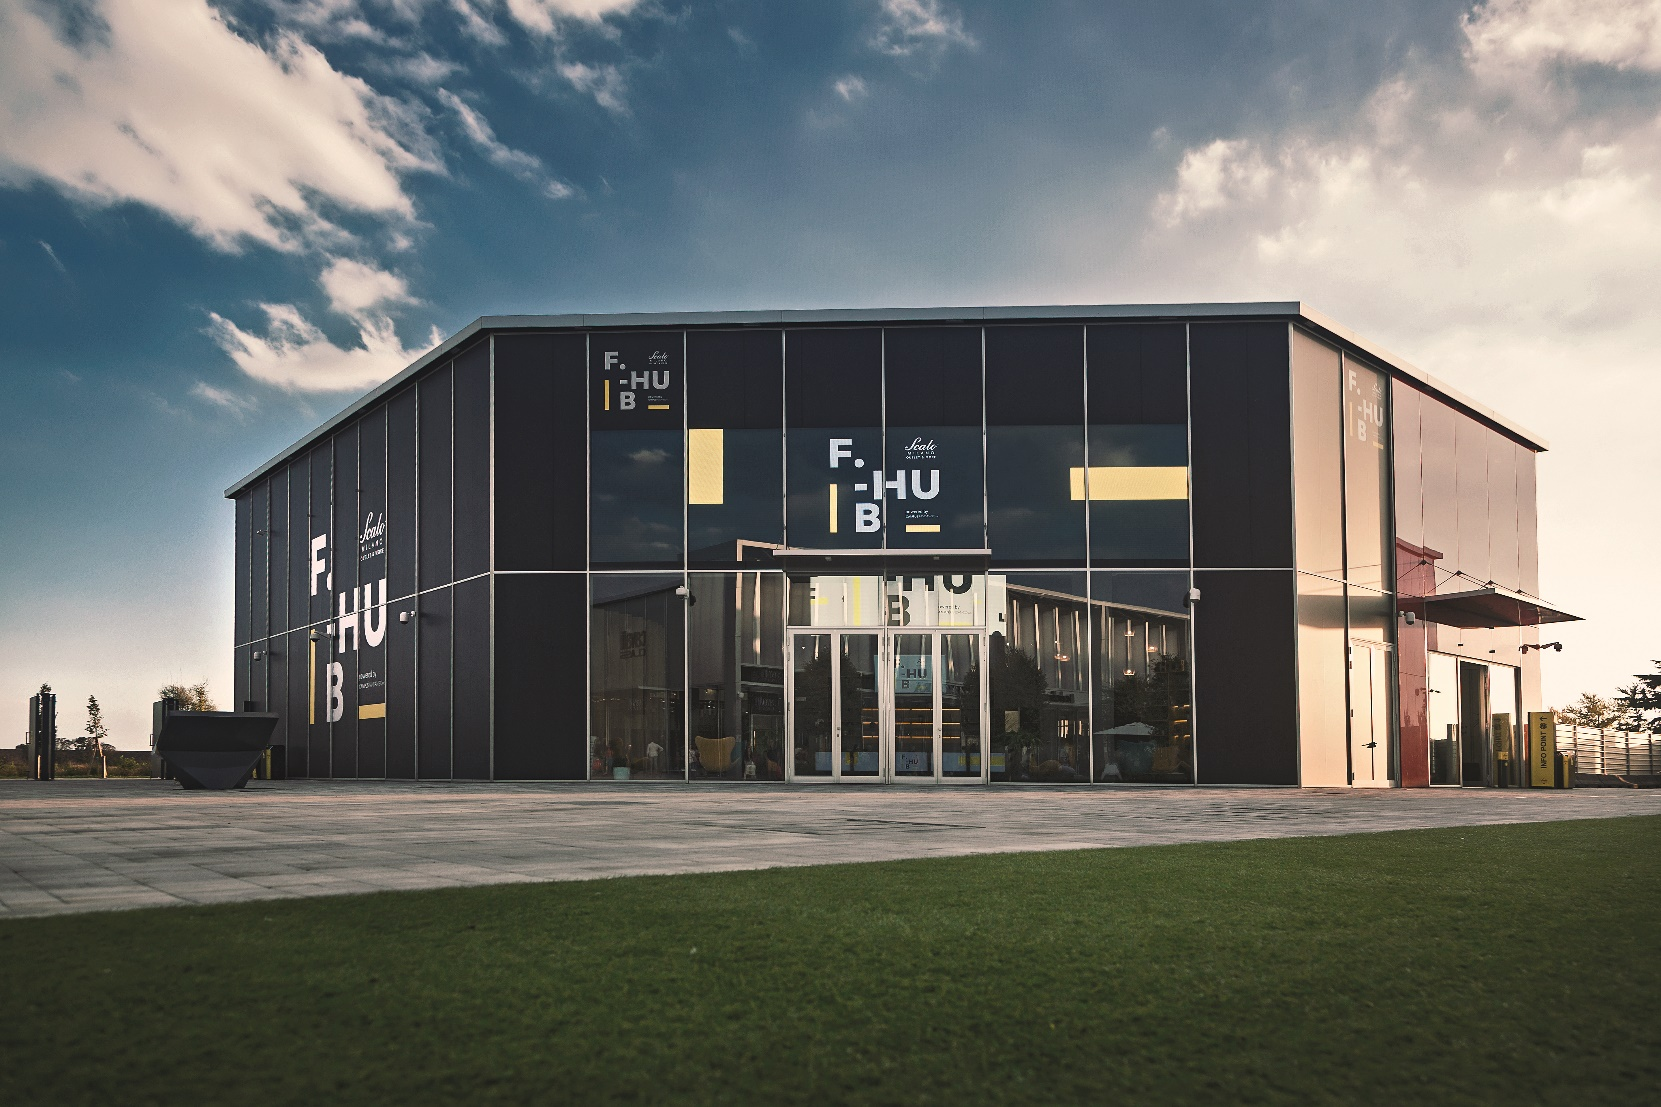 8cadb8371b Scalo Milano Outlet & More, il primo outlet cittadino a 15 minuti dal  centro di Milano, inaugura oggi F-Hub, una struttura unica nel suo genere,  ...